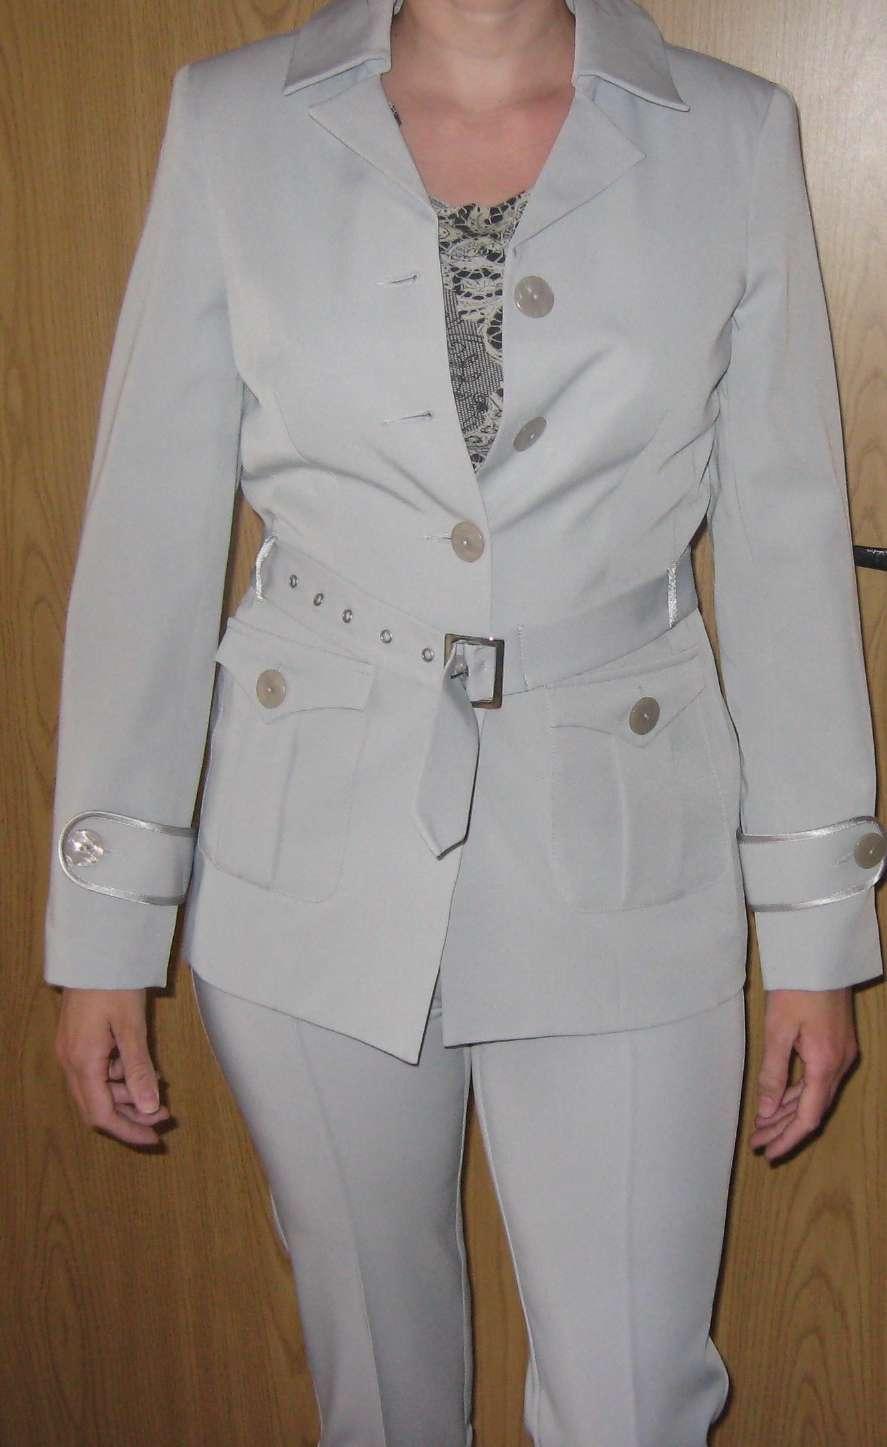 Dámsky nohavicové kostymy c.36 a c.38 - Obrázok č. 1